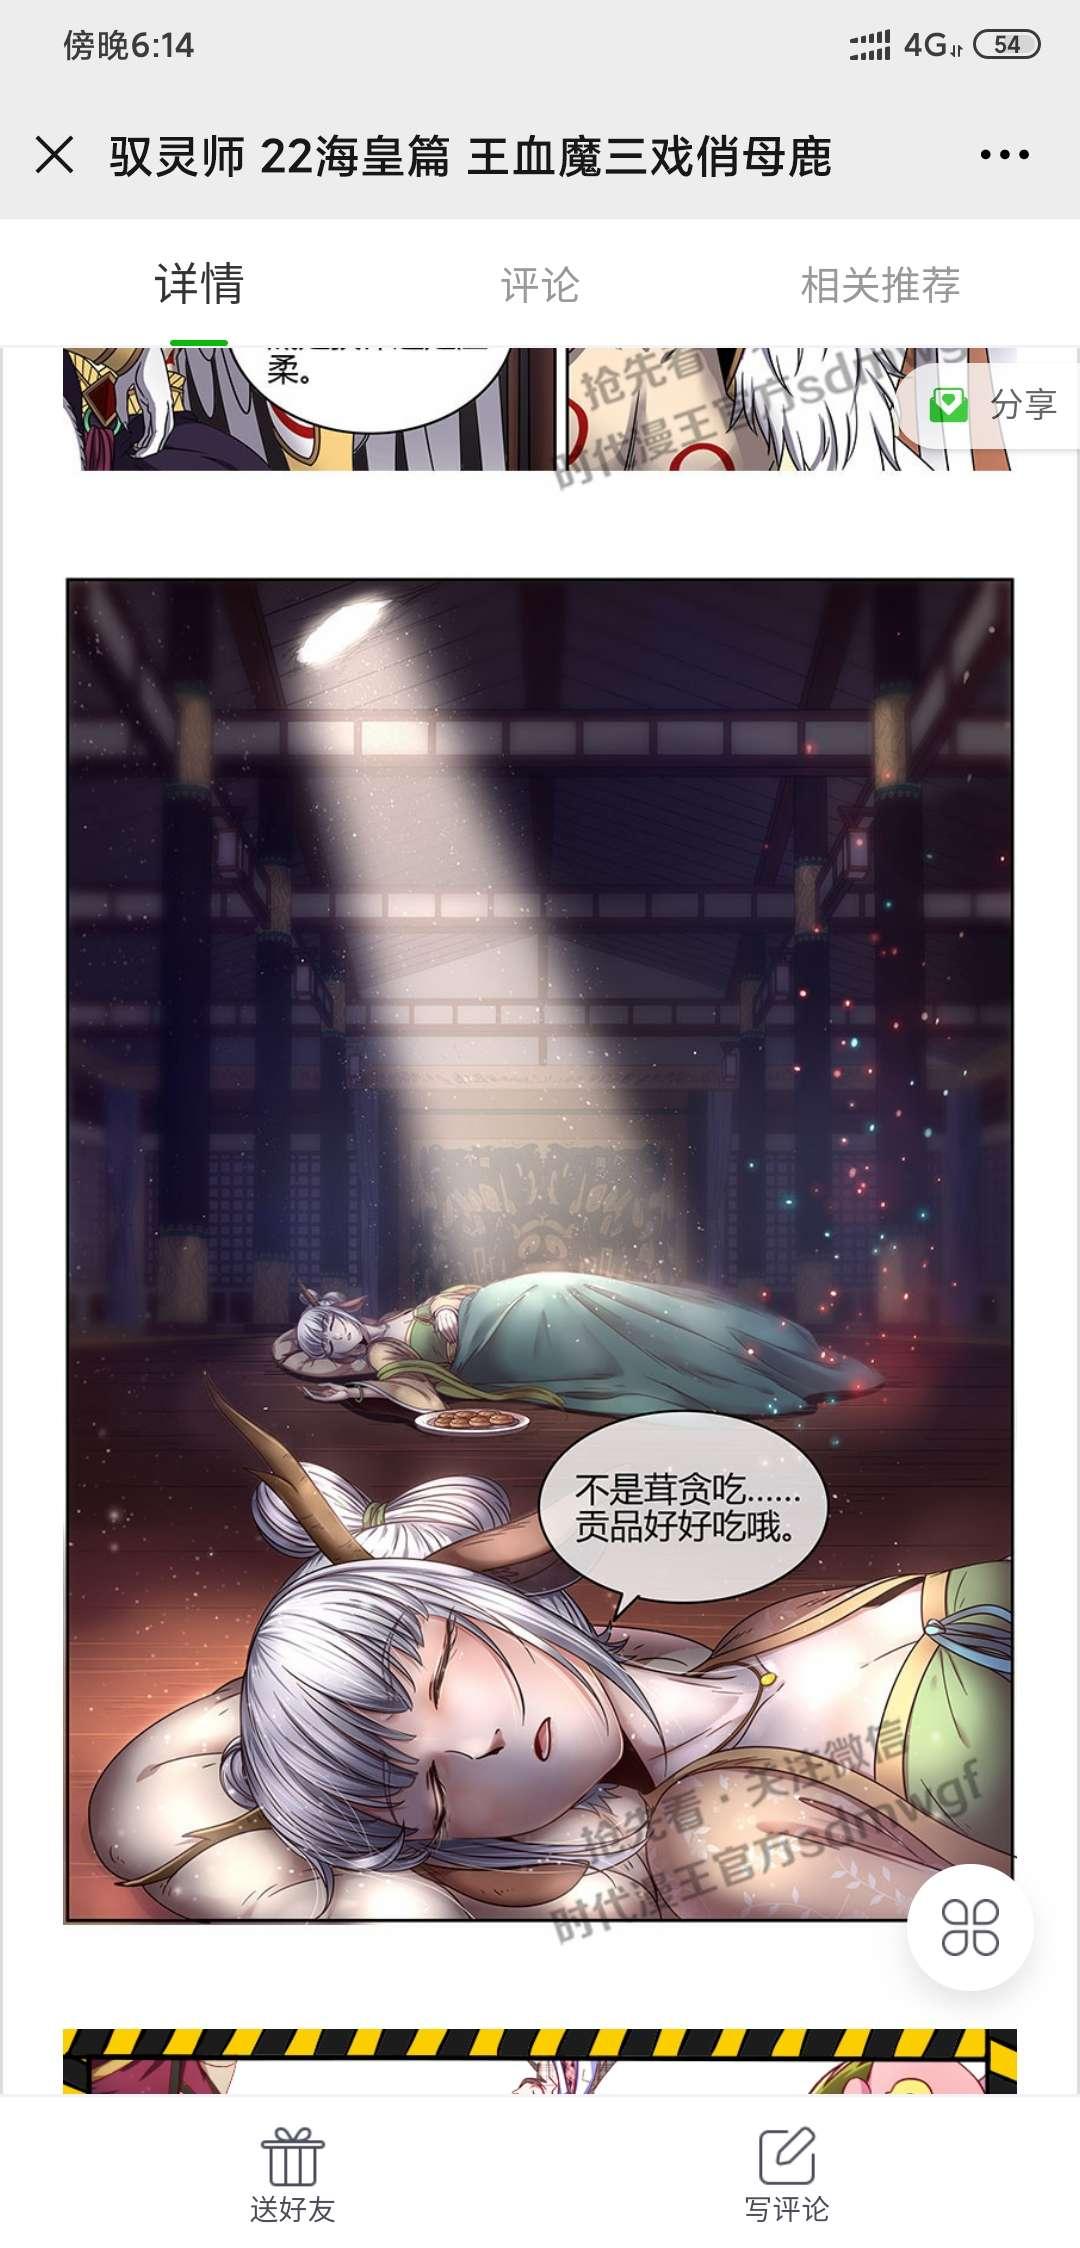 【漫画更新】驭灵师,王血魔三戏俏母鹿